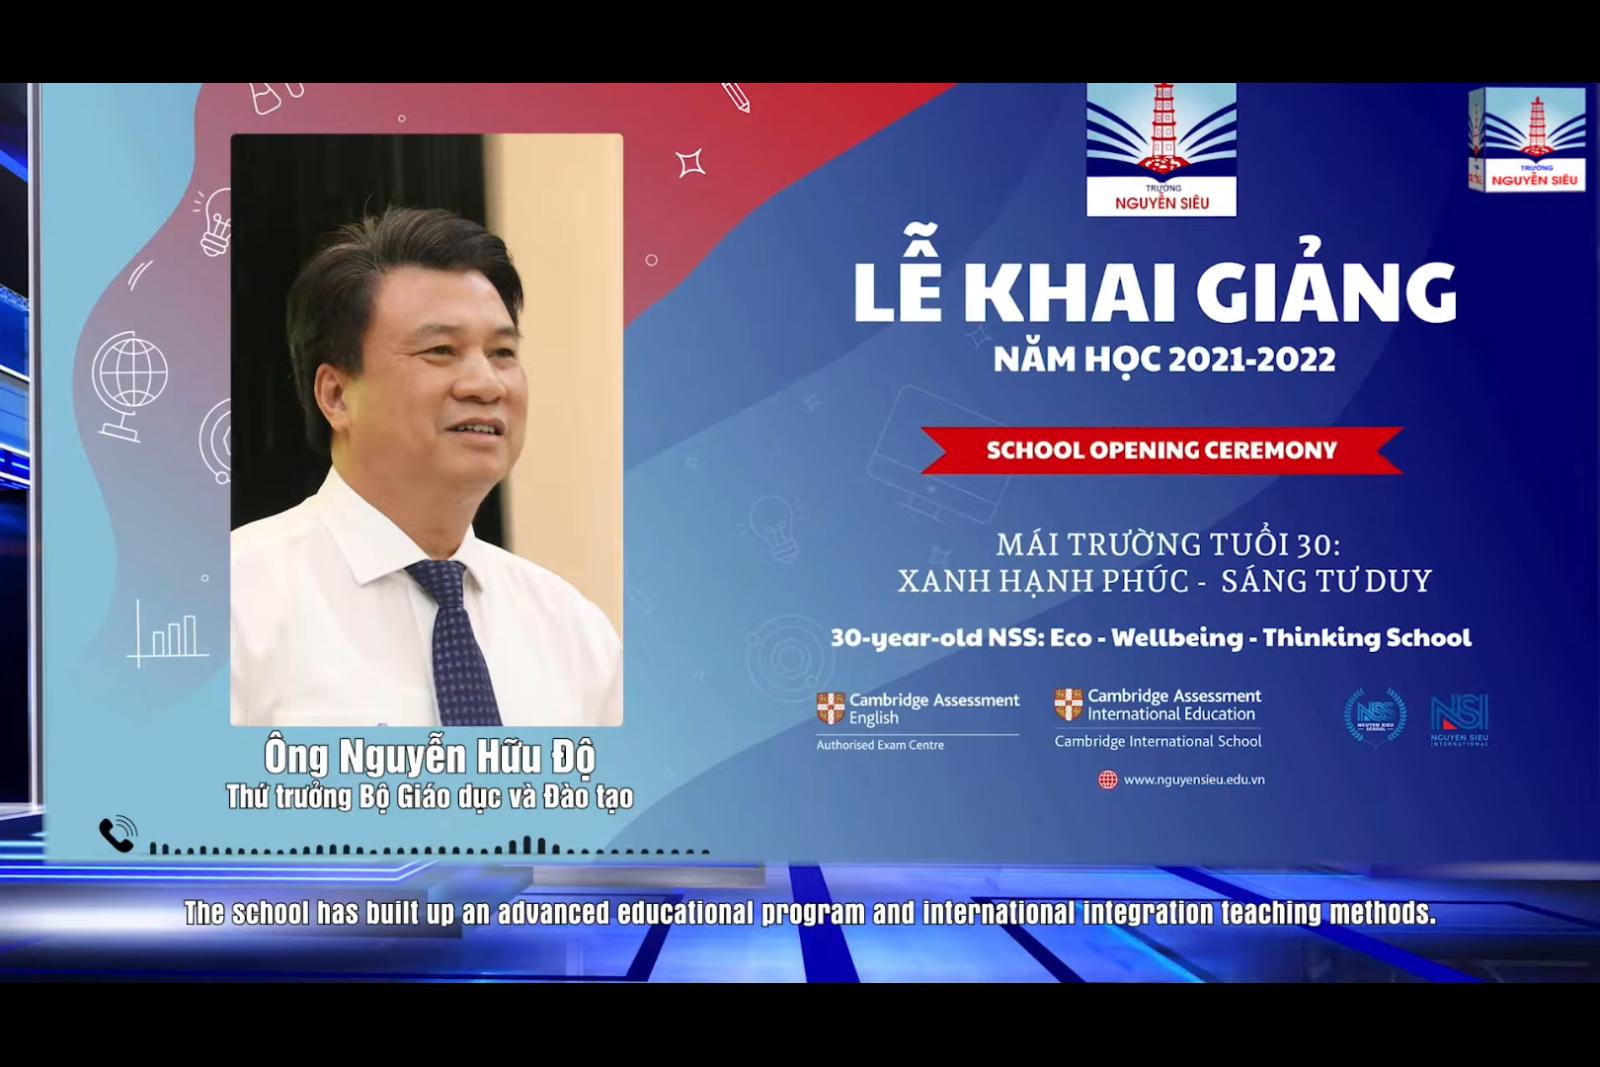 Chúc từ Thứ trưởng Bộ GDĐT và Giám đốc Cambridge Đông Nam Á gửi thầy trò NS